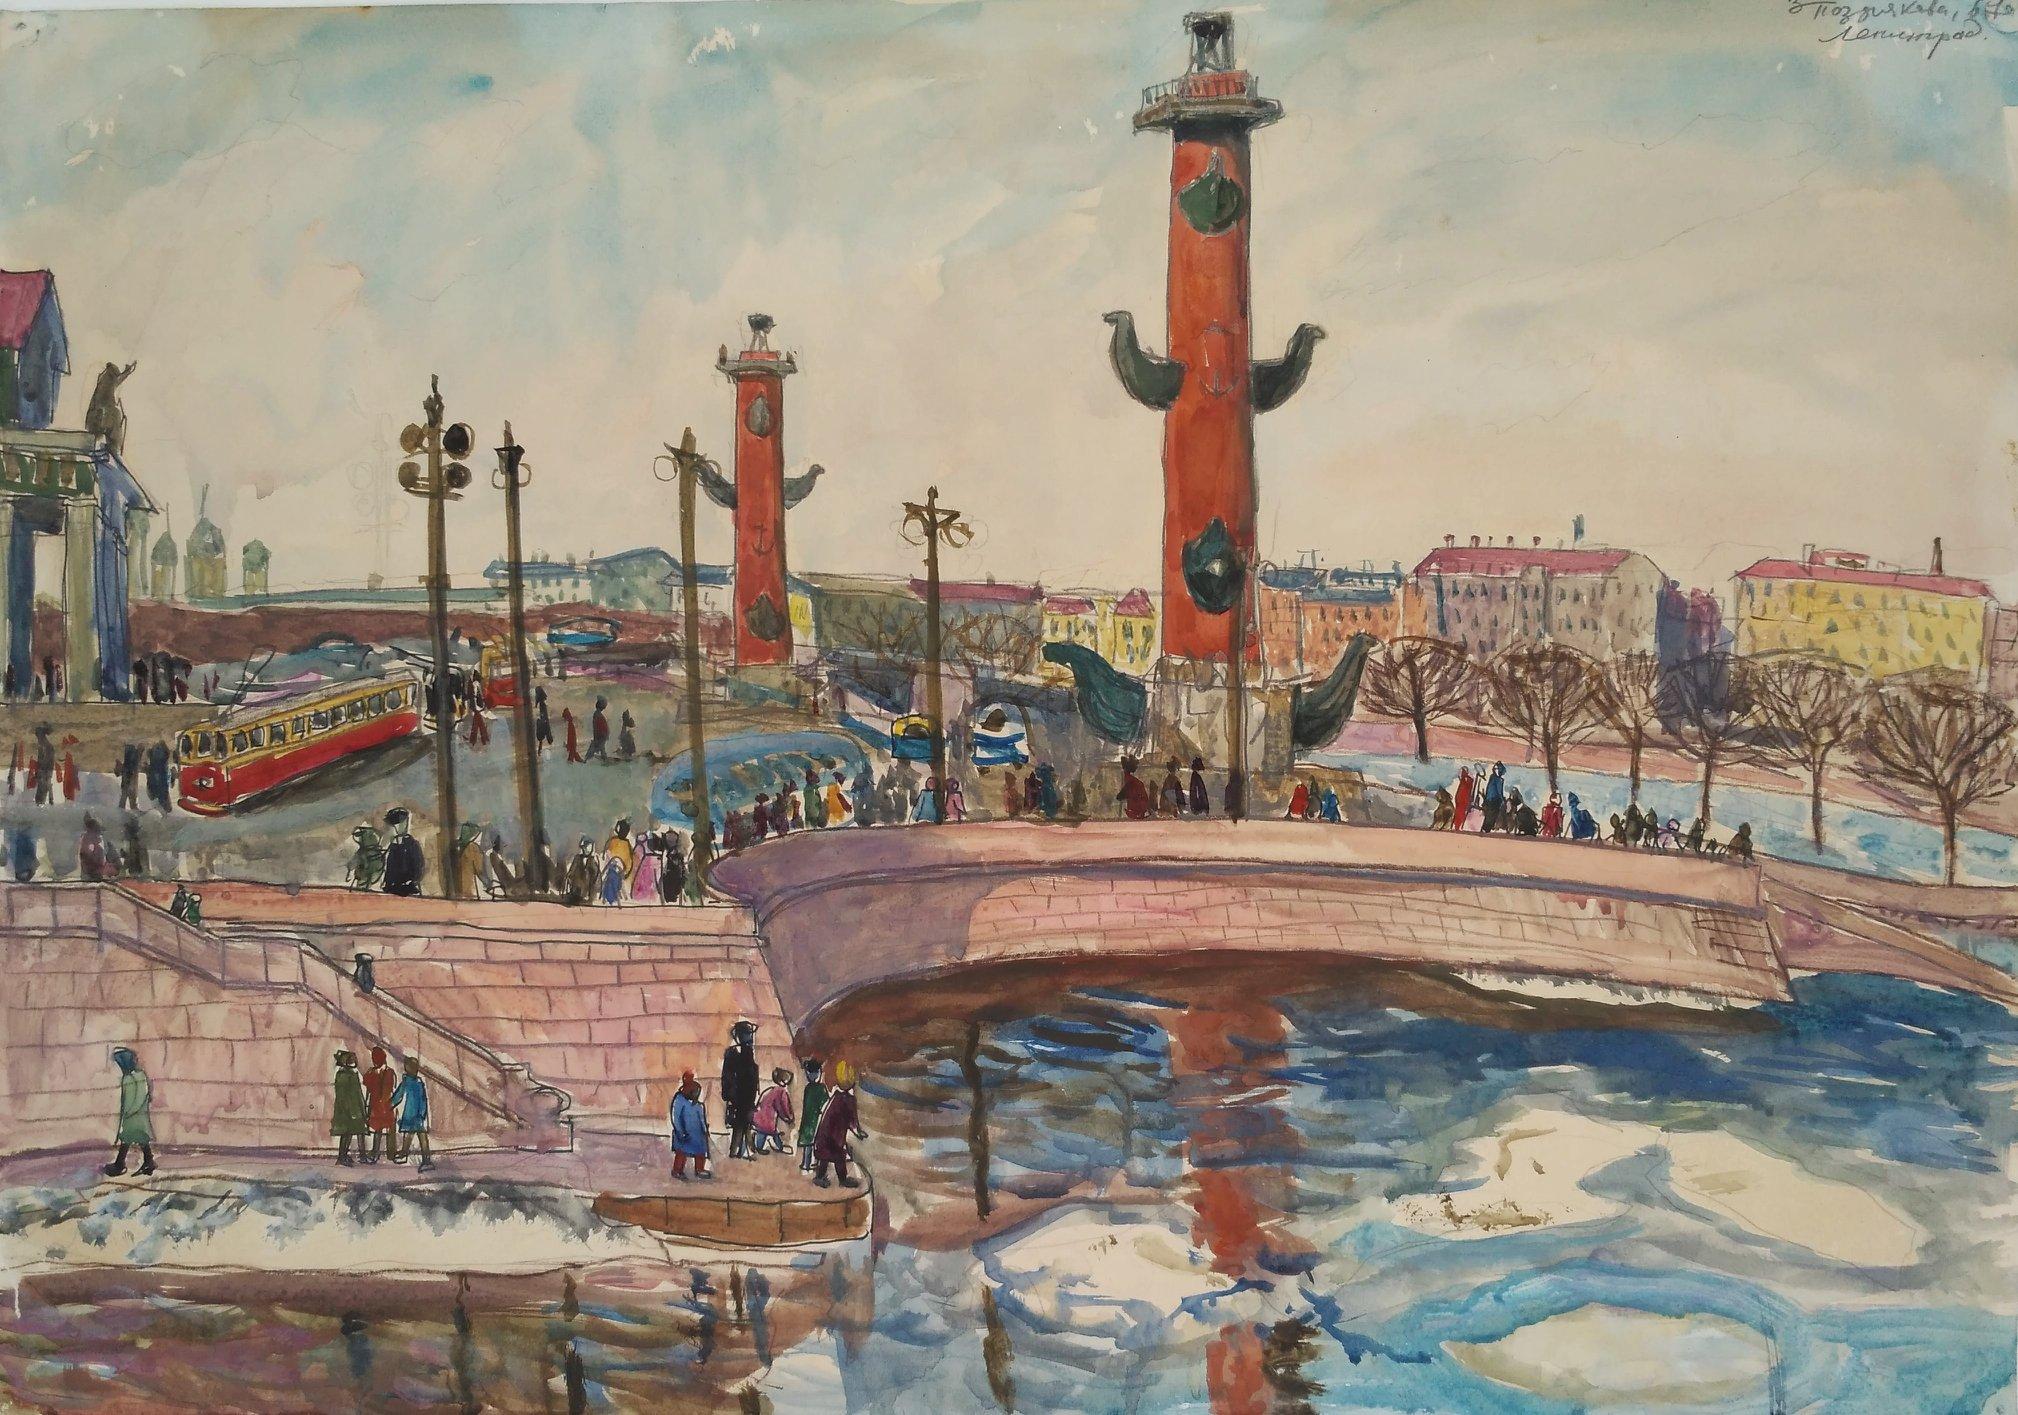 zinaida pozdnyakova-leningrad ice drift-1967-watercolor-40x57